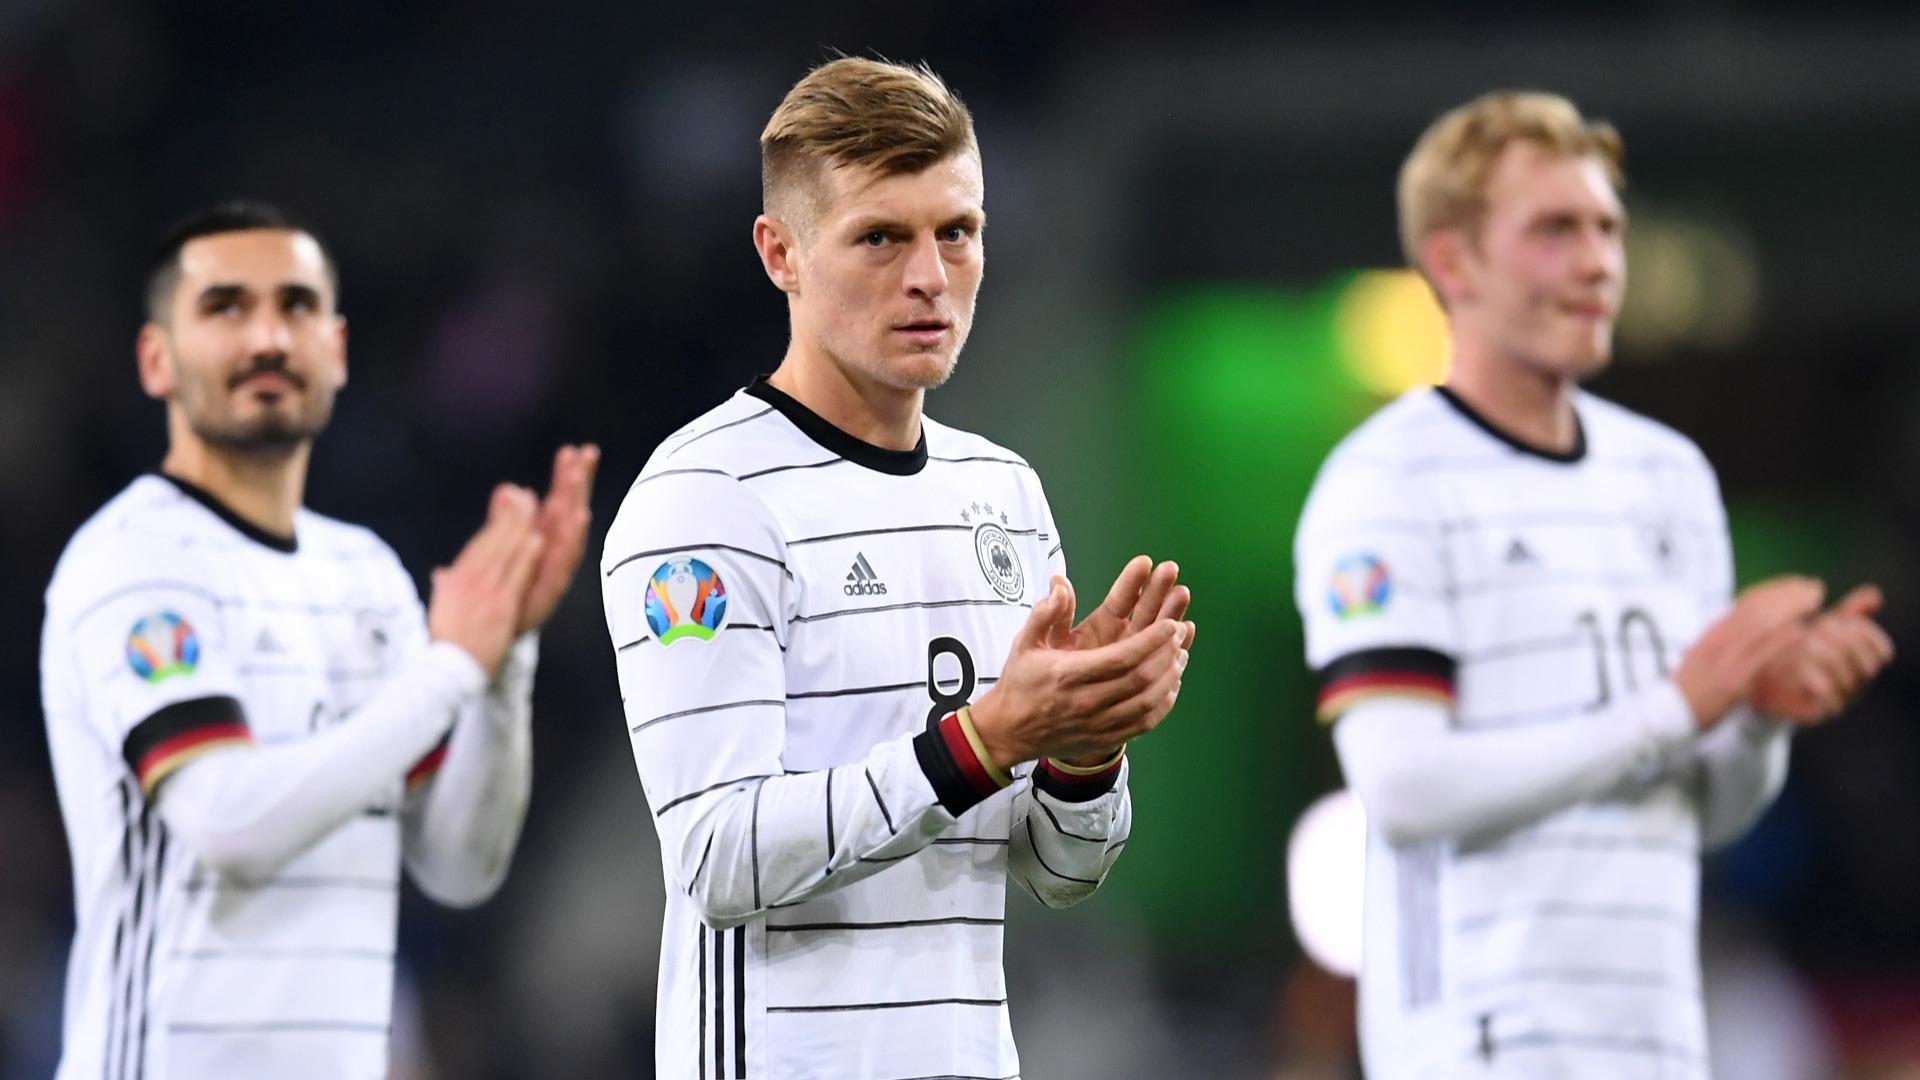 Inexperienced Germany not among Euros contenders - Kroos